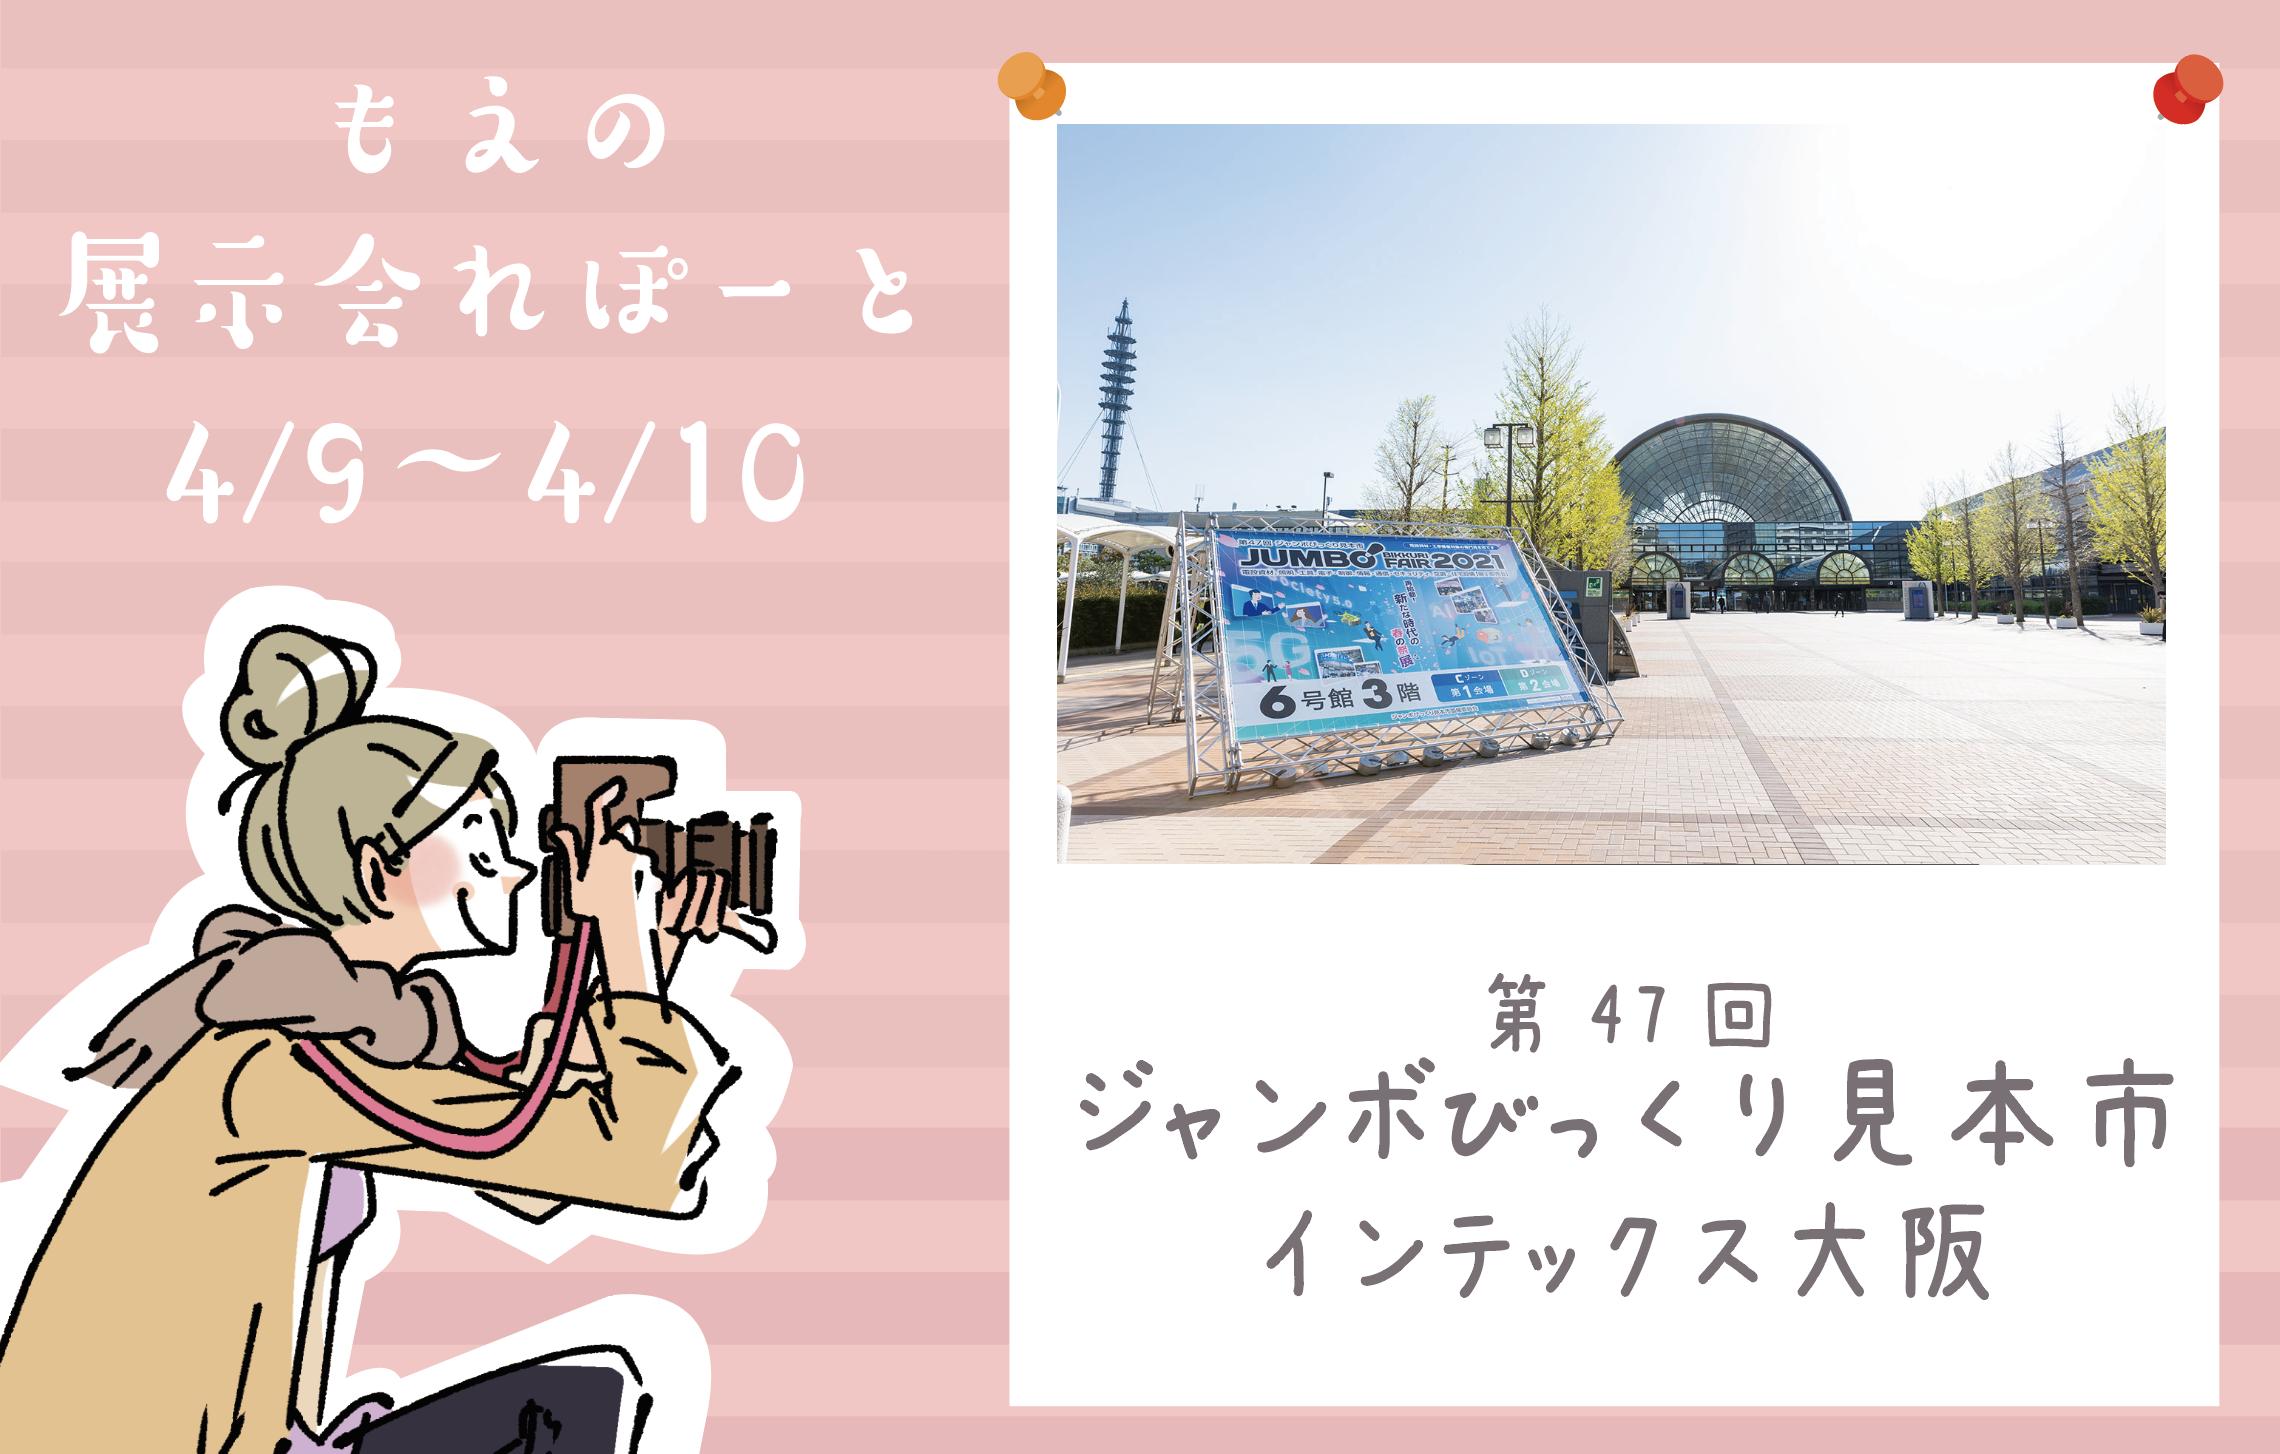 もえの展示会れぽーと【31】第47回 ジャンボびっくり見本市に行ってきました!の画像